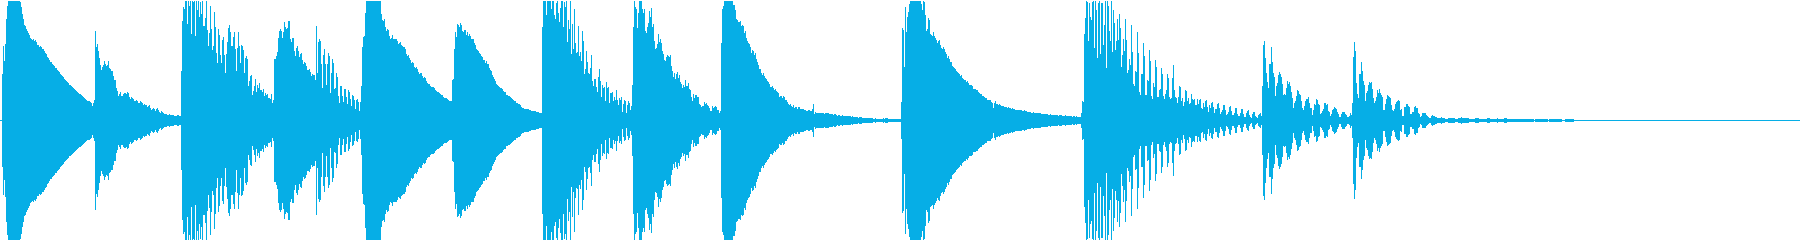 マリンバのほのぼのとしたジングル4の再生済みの波形